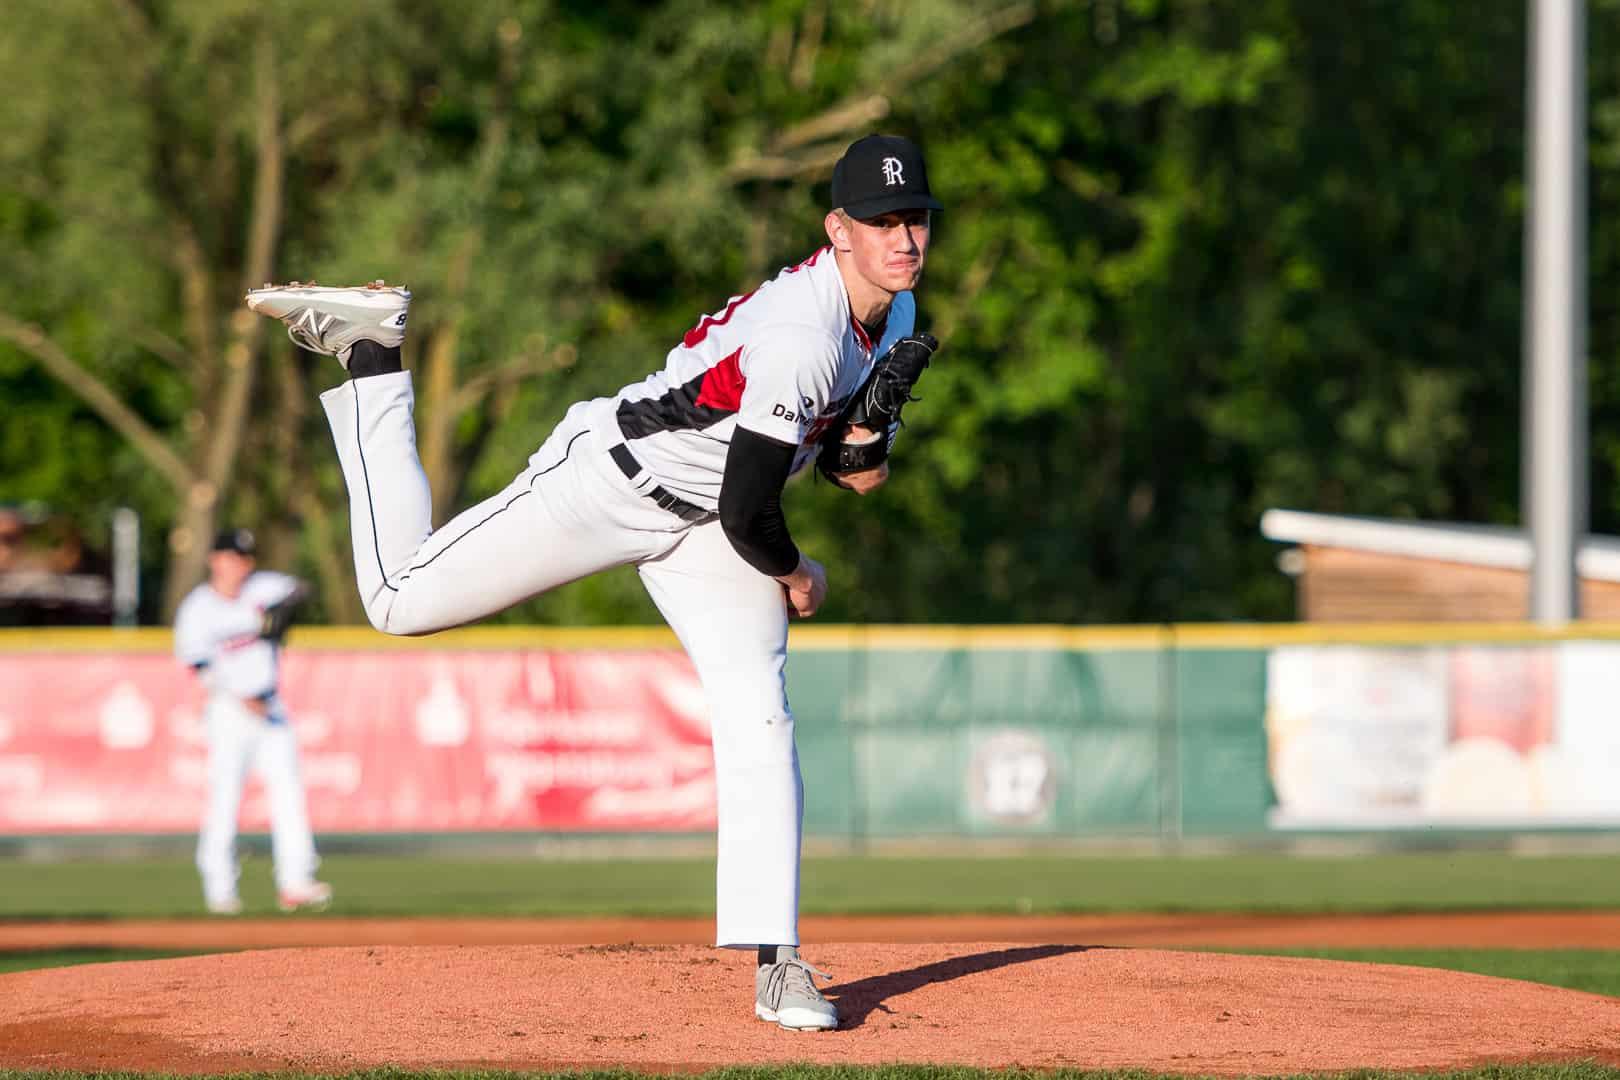 Baseballer weiter im Meisterschaftsrennen